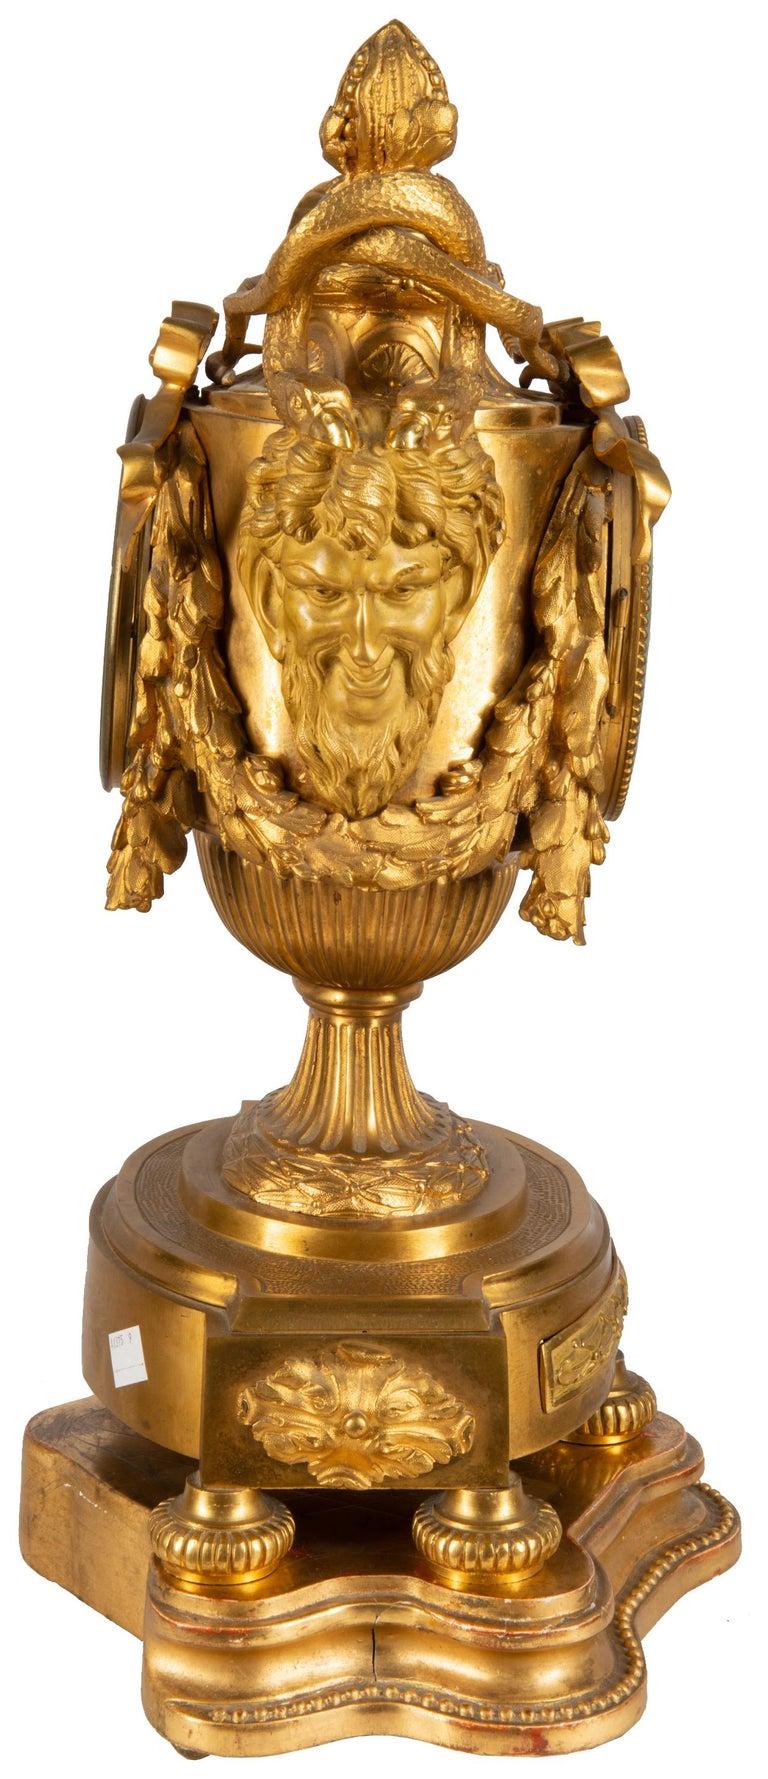 Gilt 19th Century French Ormolu Urn Shape Mantel Clock For Sale